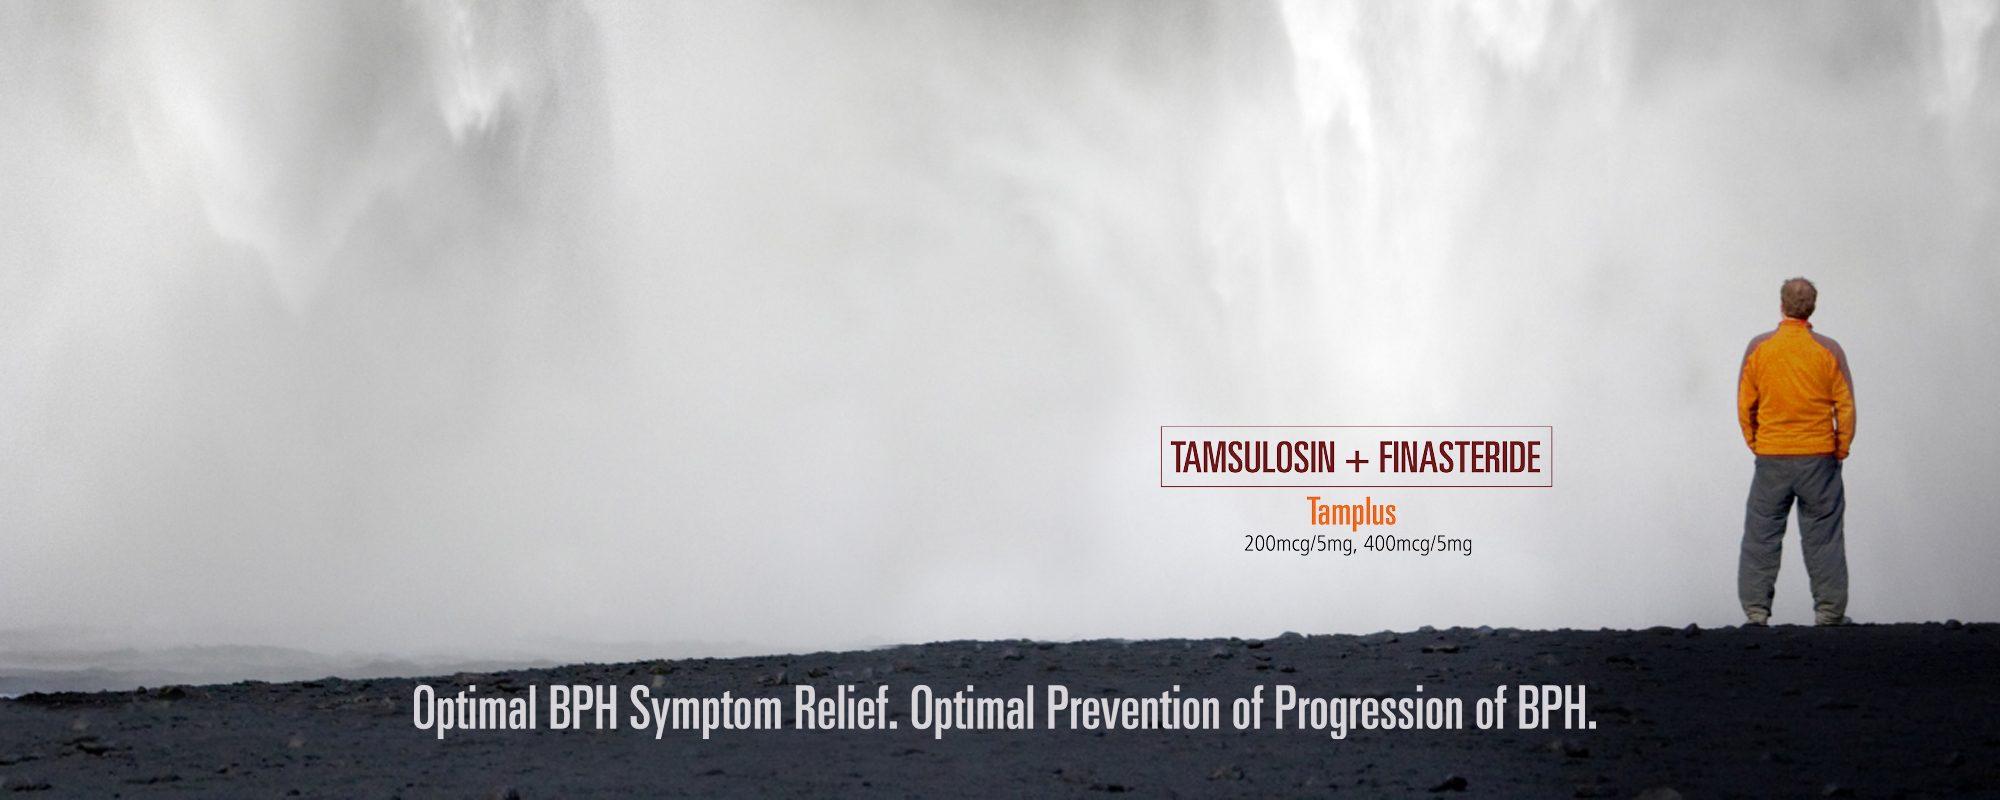 Ajanta Tamplus Feature W